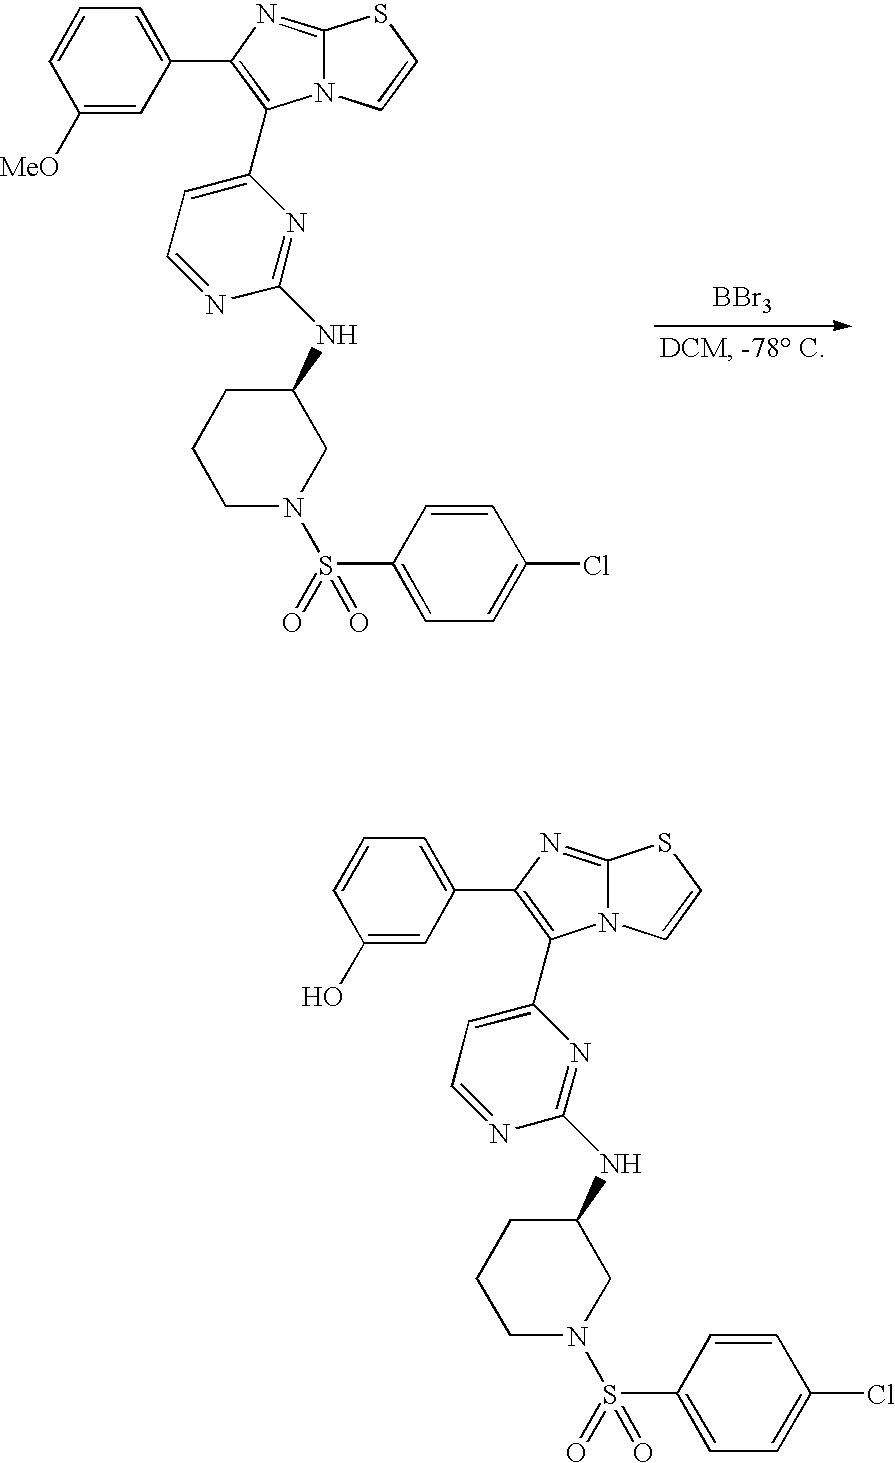 Figure US20090136499A1-20090528-C00012